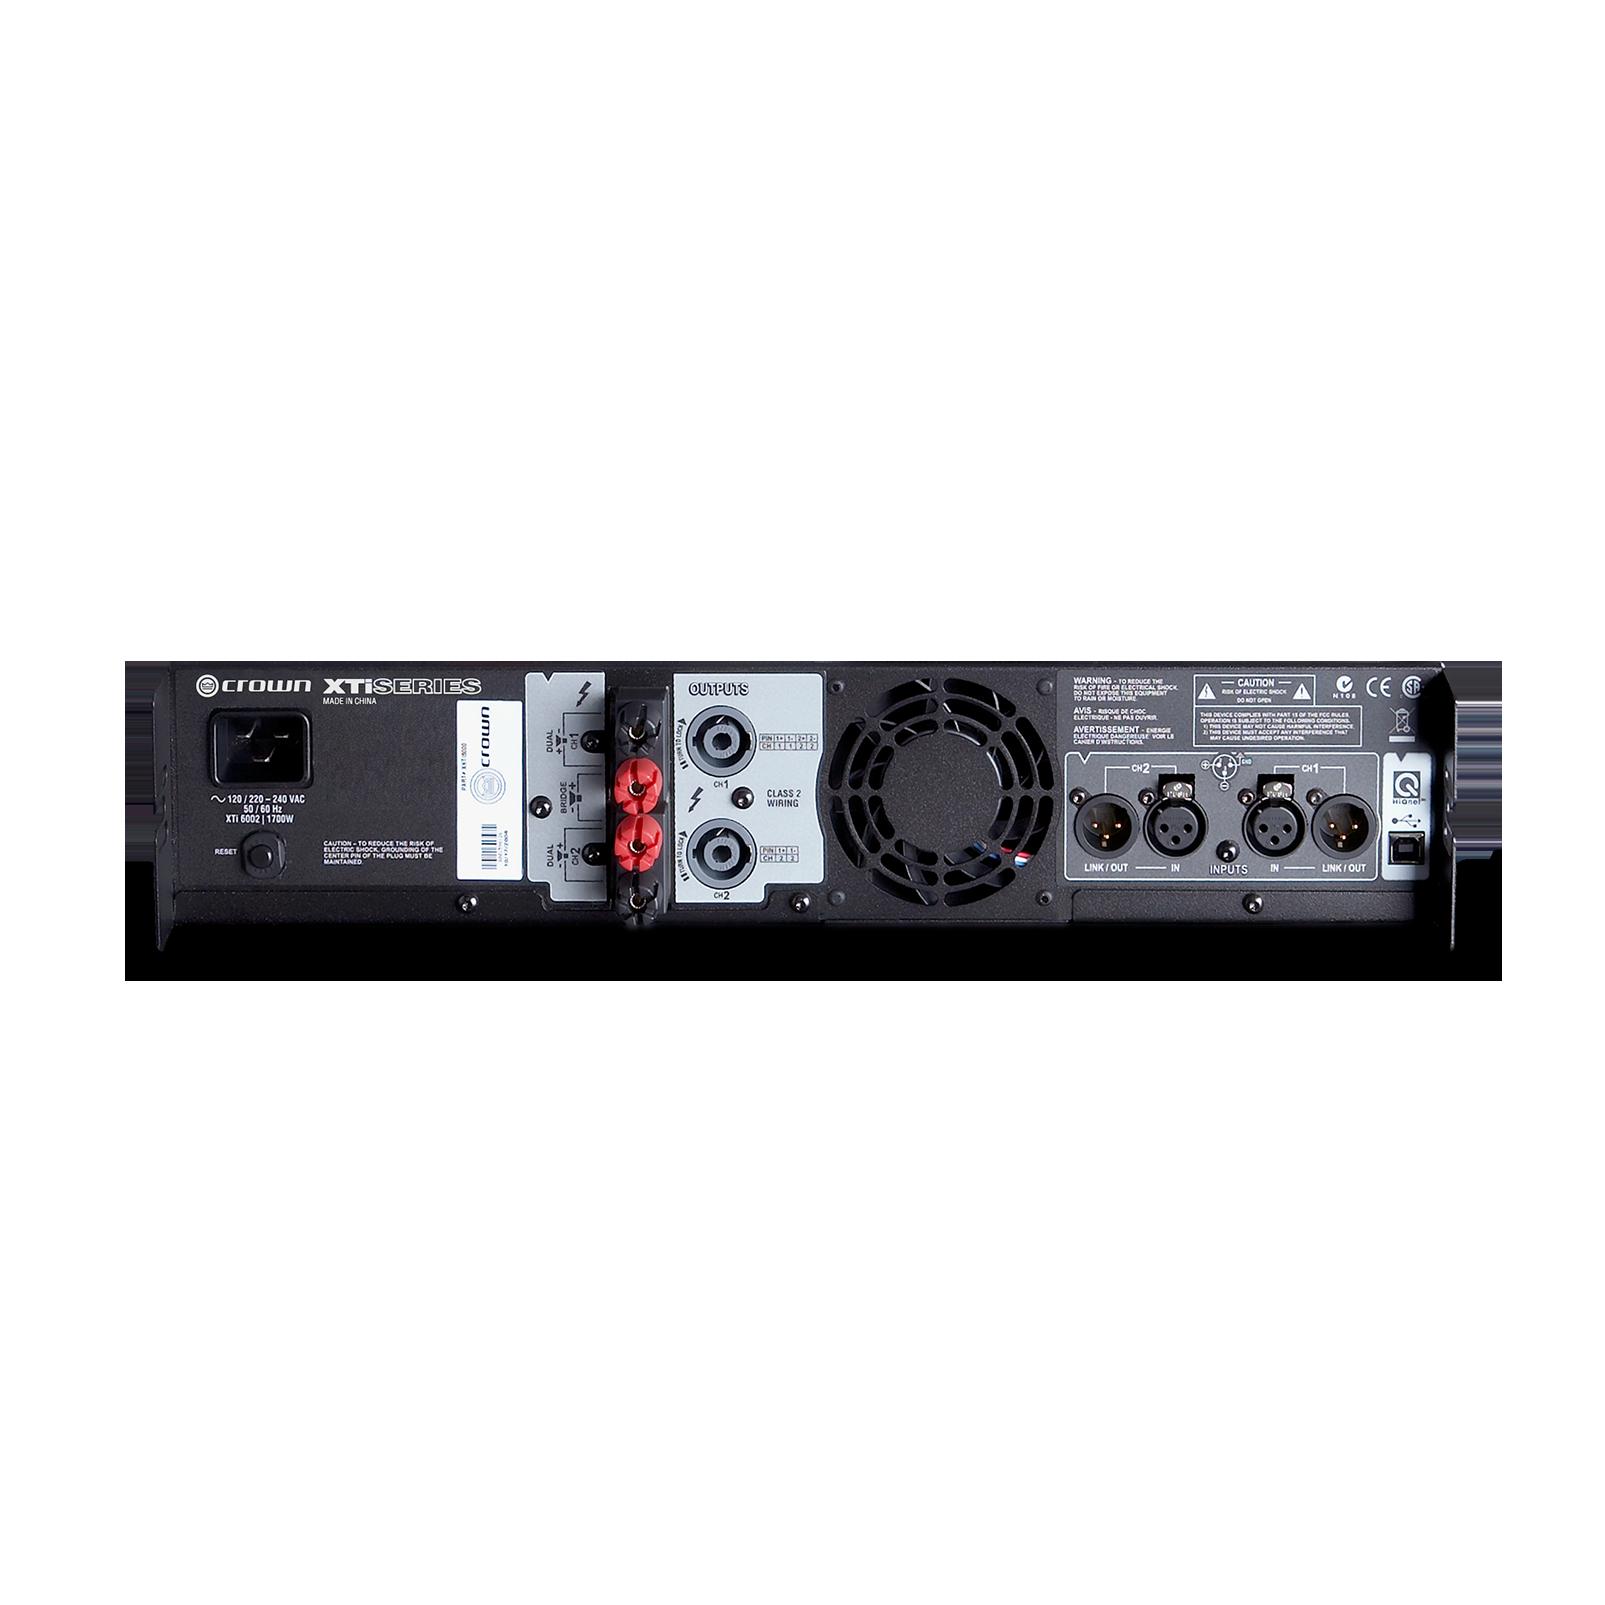 XTi 6002 - Grey - Two-channel, 2100W @ 4Ω power amplifier - Back